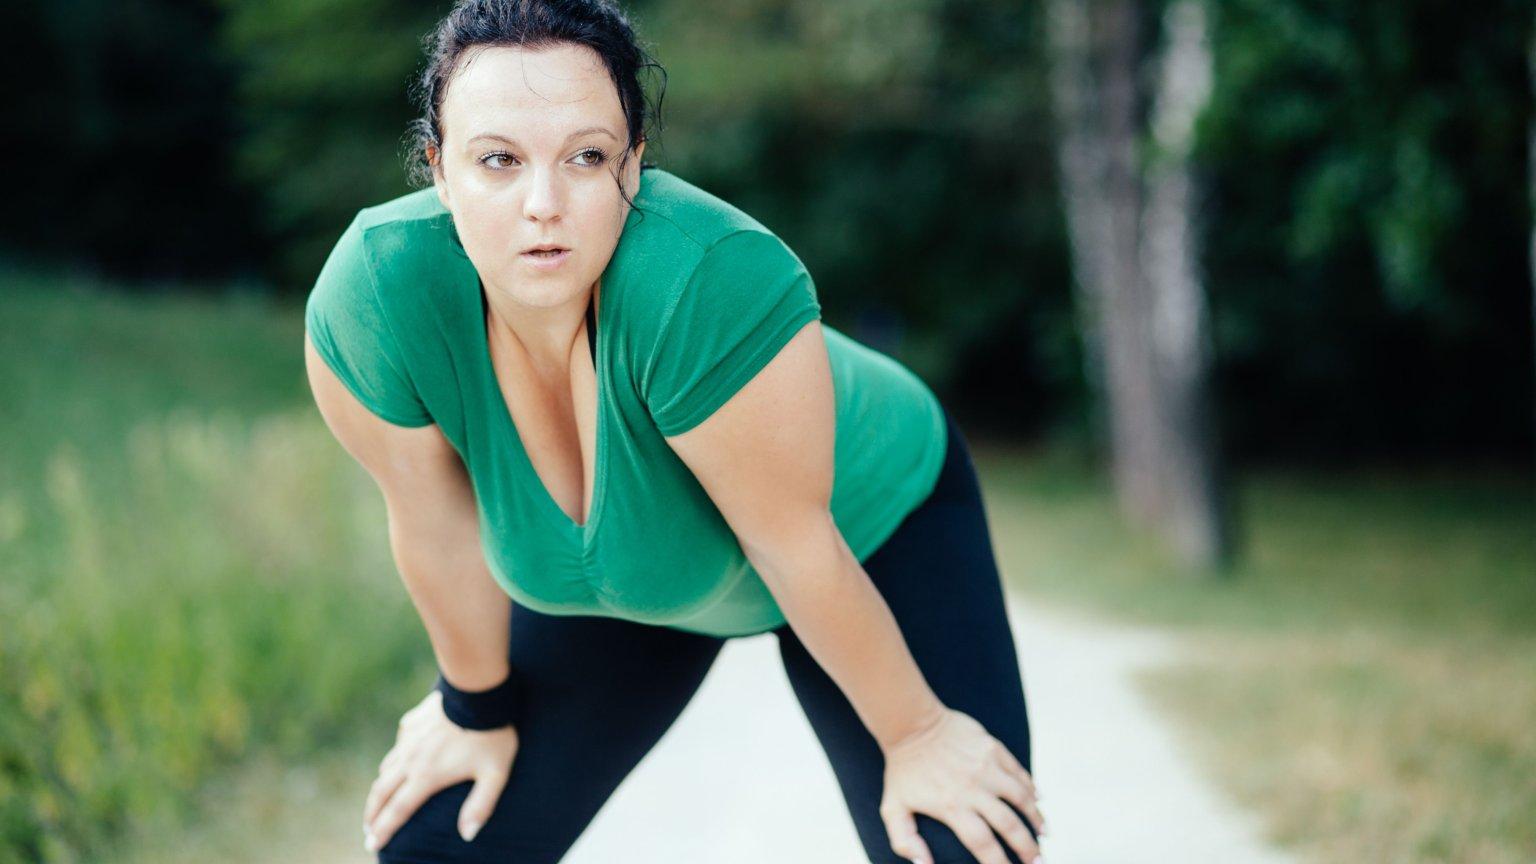 Помогает Ли Пробежка Сбросить Вес. Помогает ли бег похудению